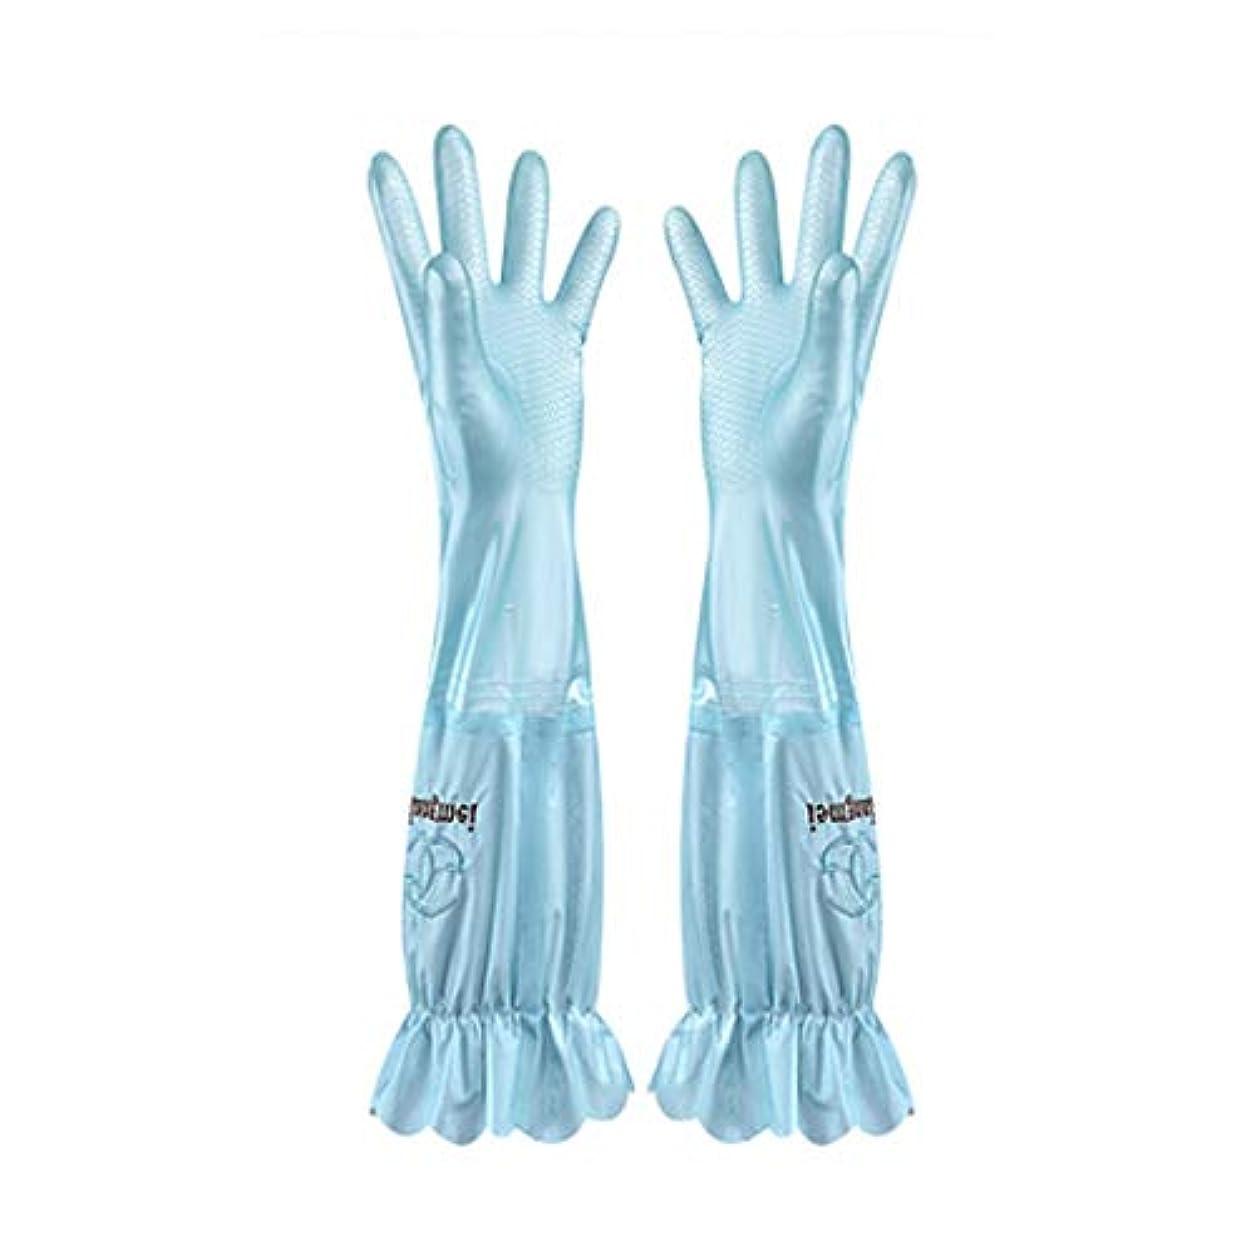 背骨工場ハードウェアニトリルゴム手袋 食器洗い用手袋水耐久性のあるゴム製台所ゴム製厚いセクションプラスベルベットの手袋、1ペア 使い捨て手袋 (Color : BLUE, Size : L)